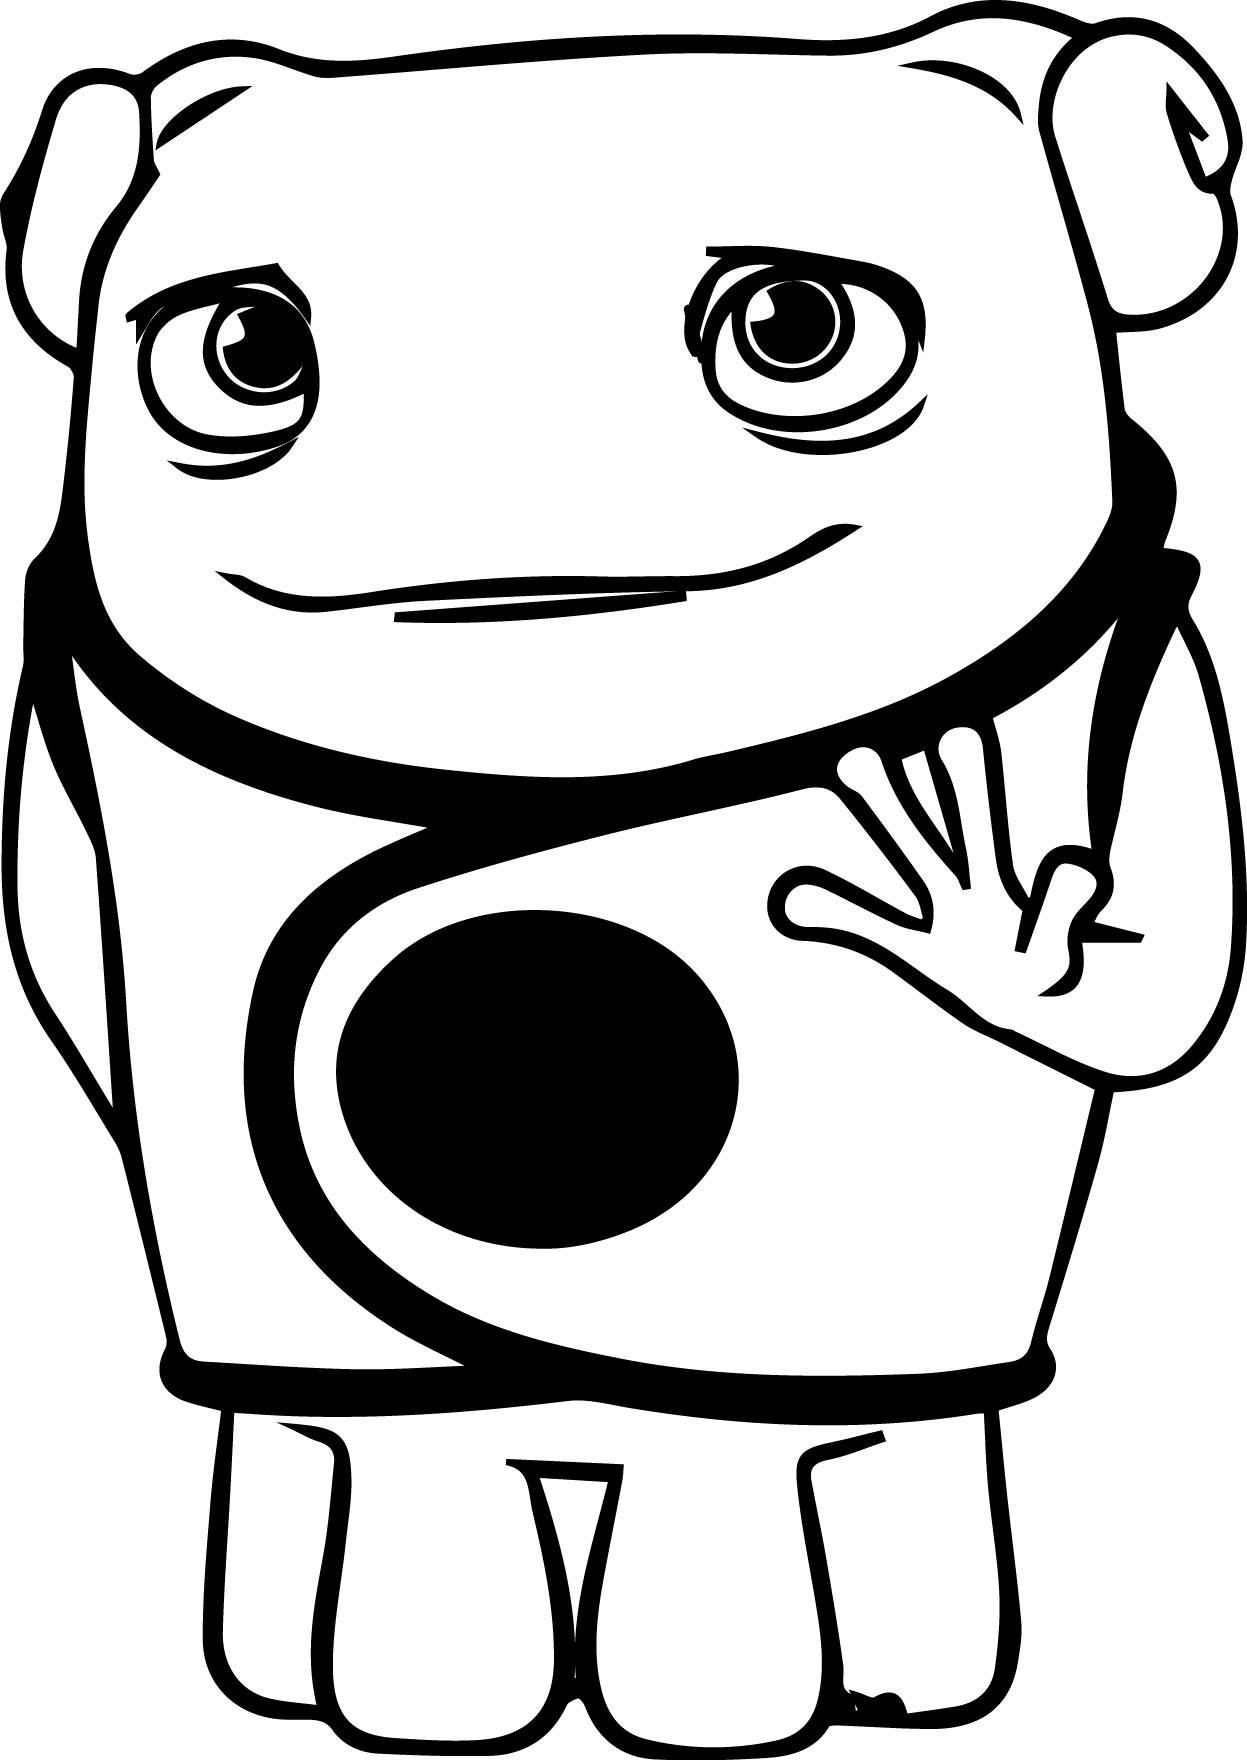 раскраски для детей с инопланетянами раскраски для ...